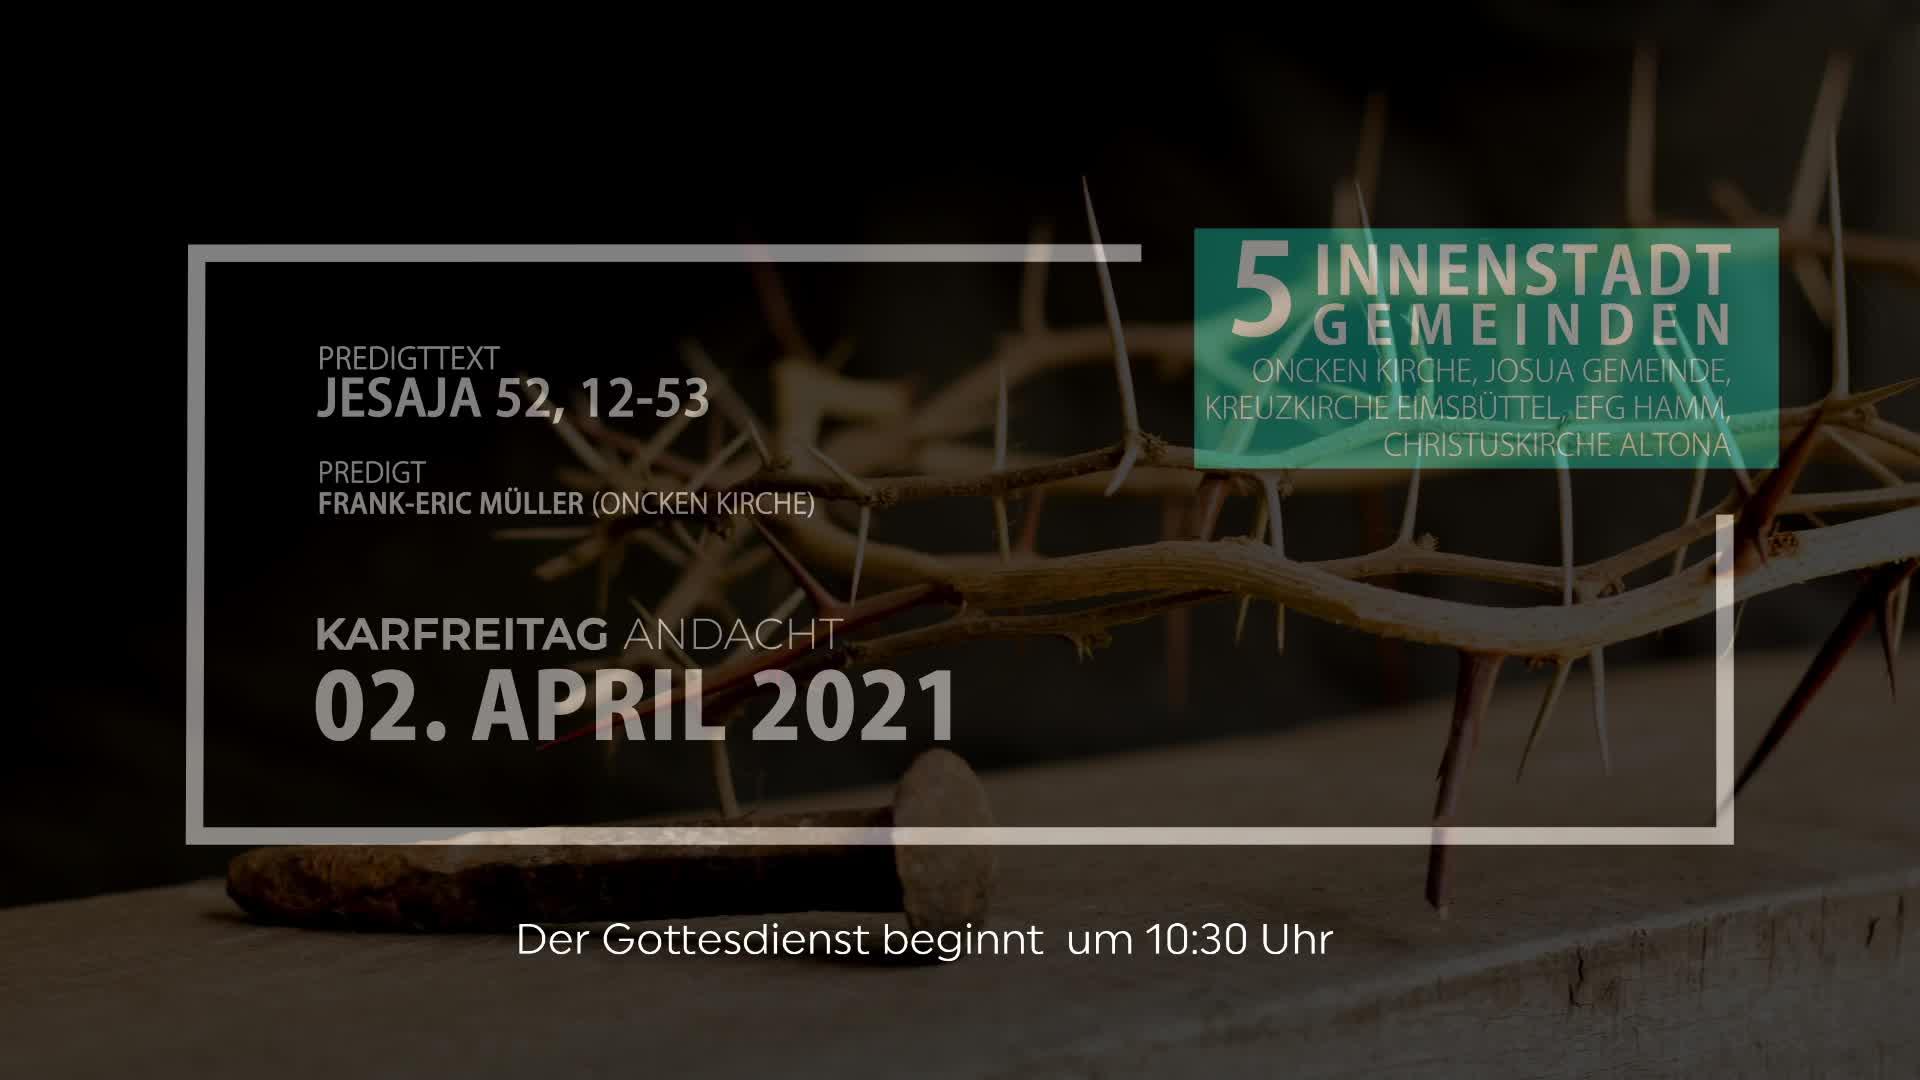 2. April - Karfreitag Andacht der Innenstadtgemeinden 2021